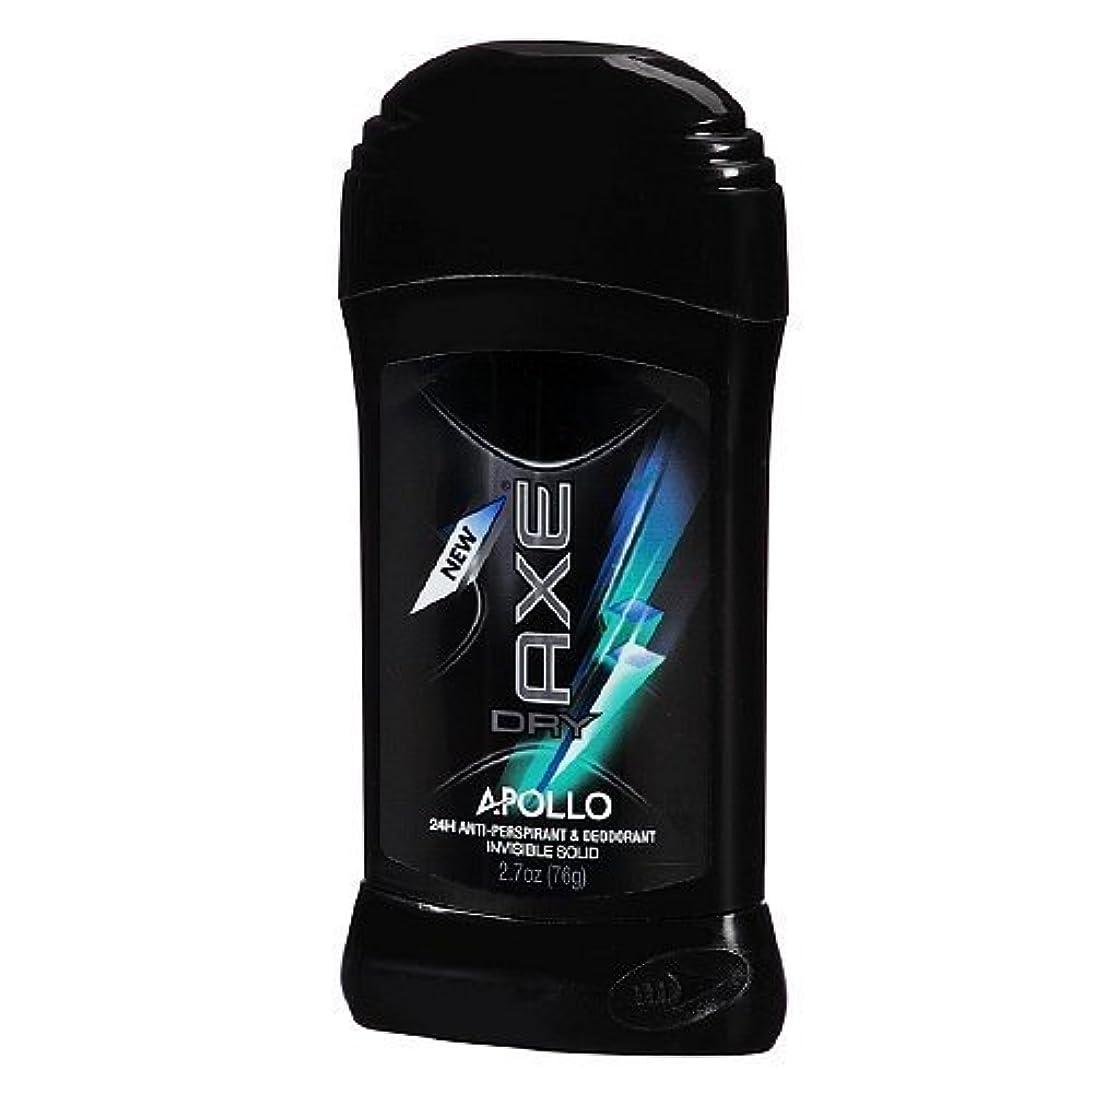 雇用者抽象着陸Axe Dry Antiperspirant Deodorant - Apollo - Invisible Solid - Net Wt. 2.7 OZ Each - Pack of 3 by Unilever [並行輸入品]